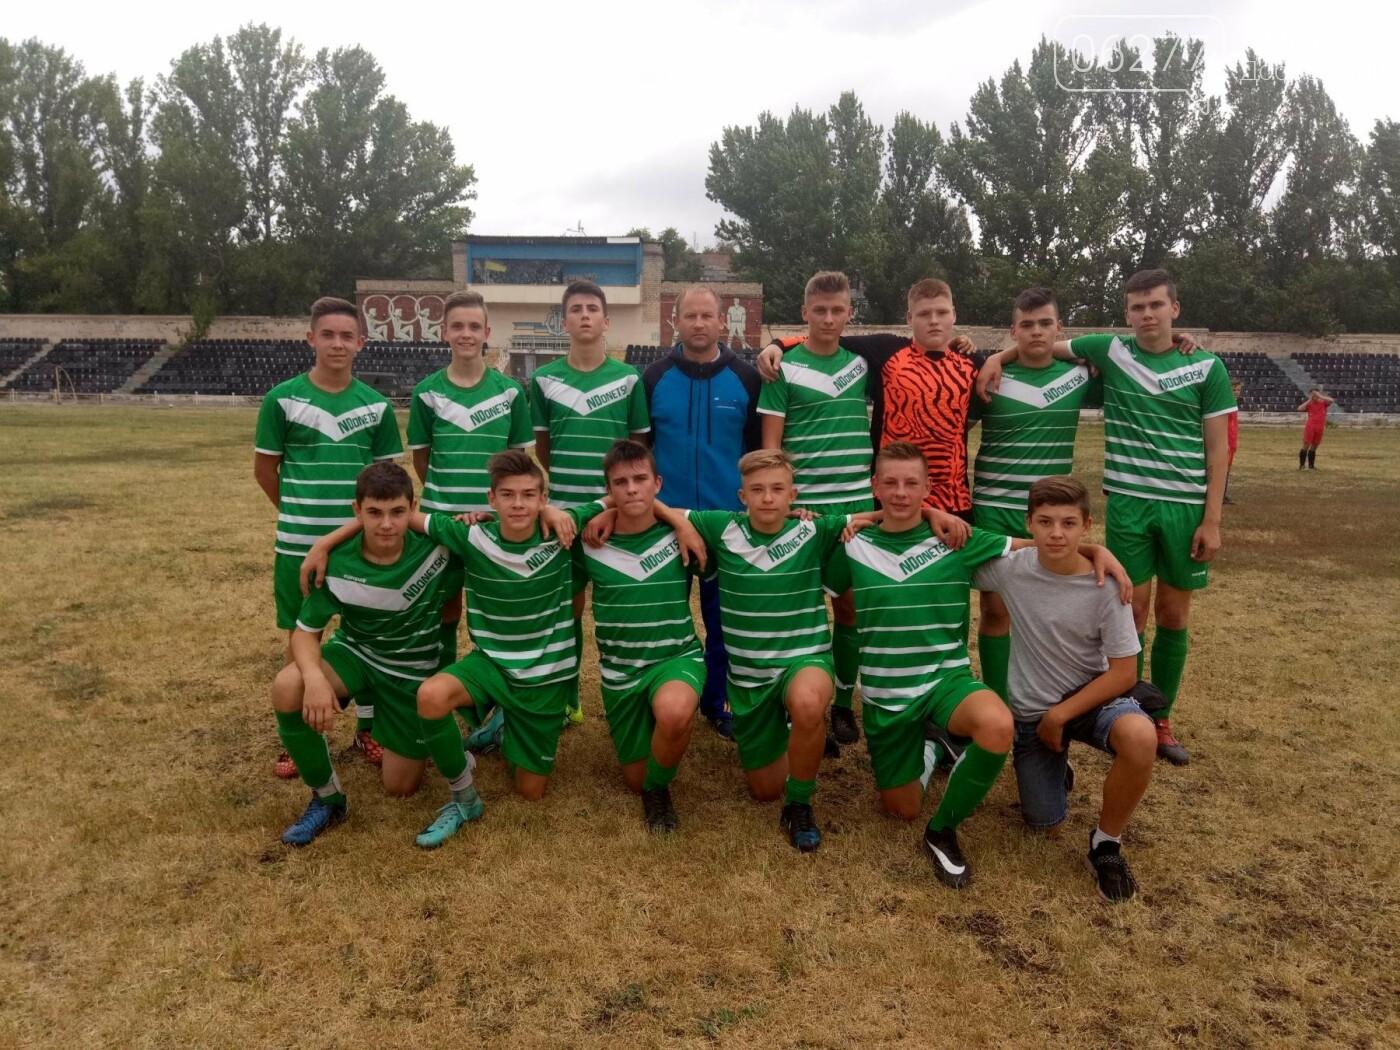 Розпочався Чемпіонат Донецької області з футболу 2018 року серед юнаків, фото-1